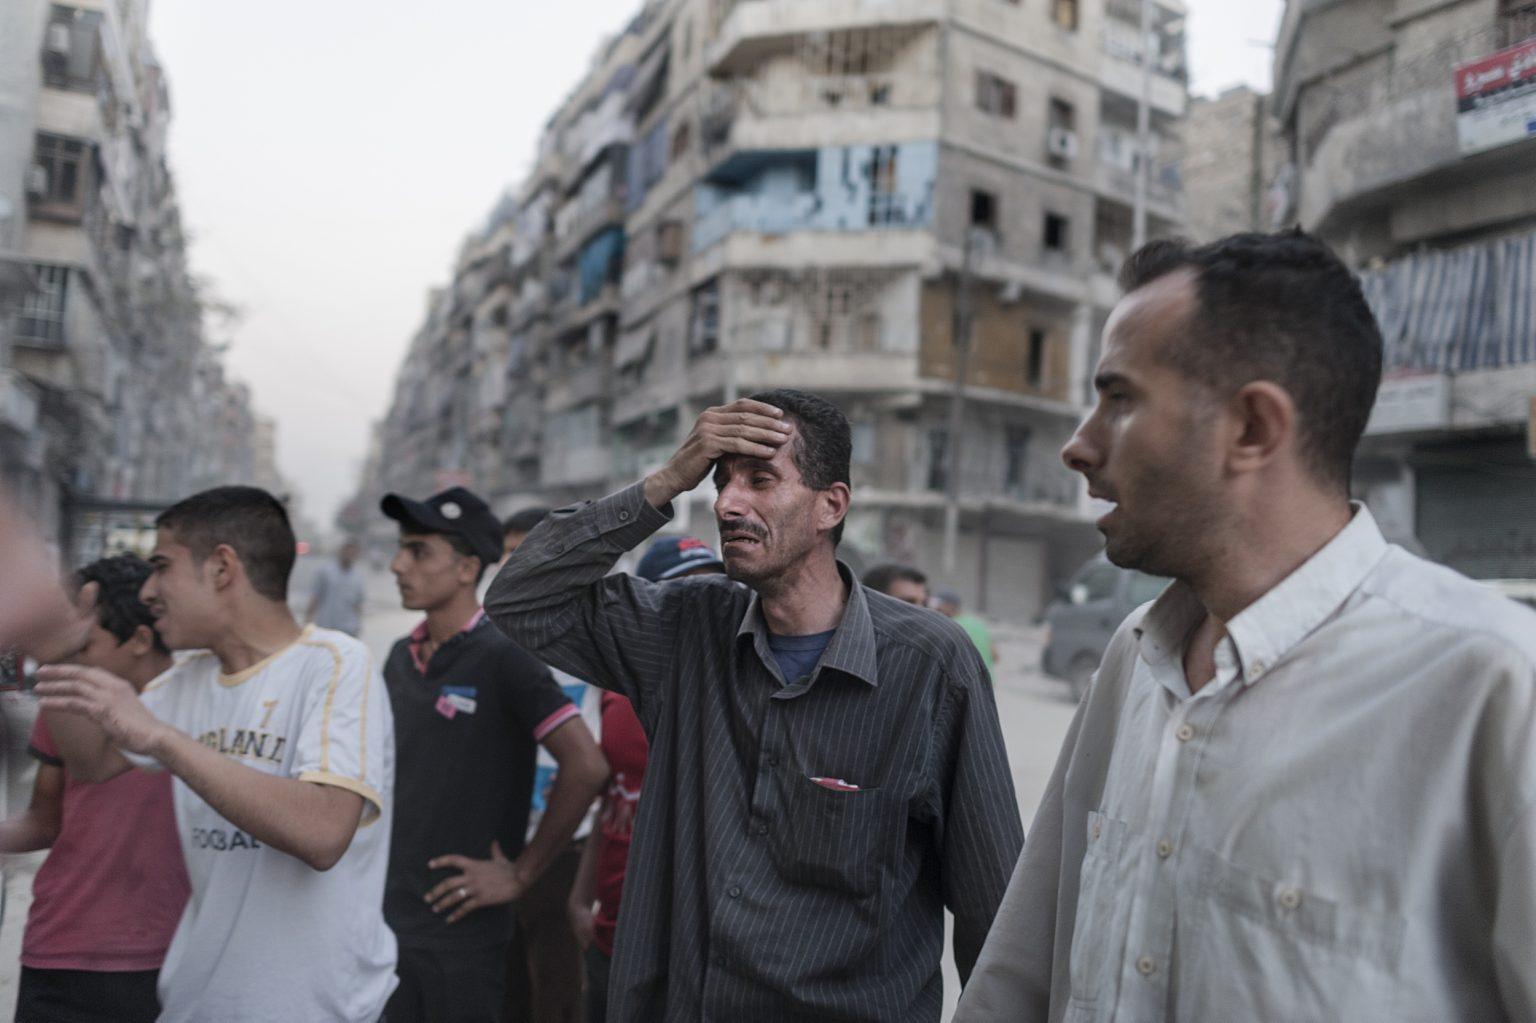 Aleppo, Syria September 29th 2012, civilians outside the hospital after the shelling by the government ----------- Aleppo, Siria 29 Settembre 2012, civili fuori dall'ospedale dopo i bombardamenti del governo